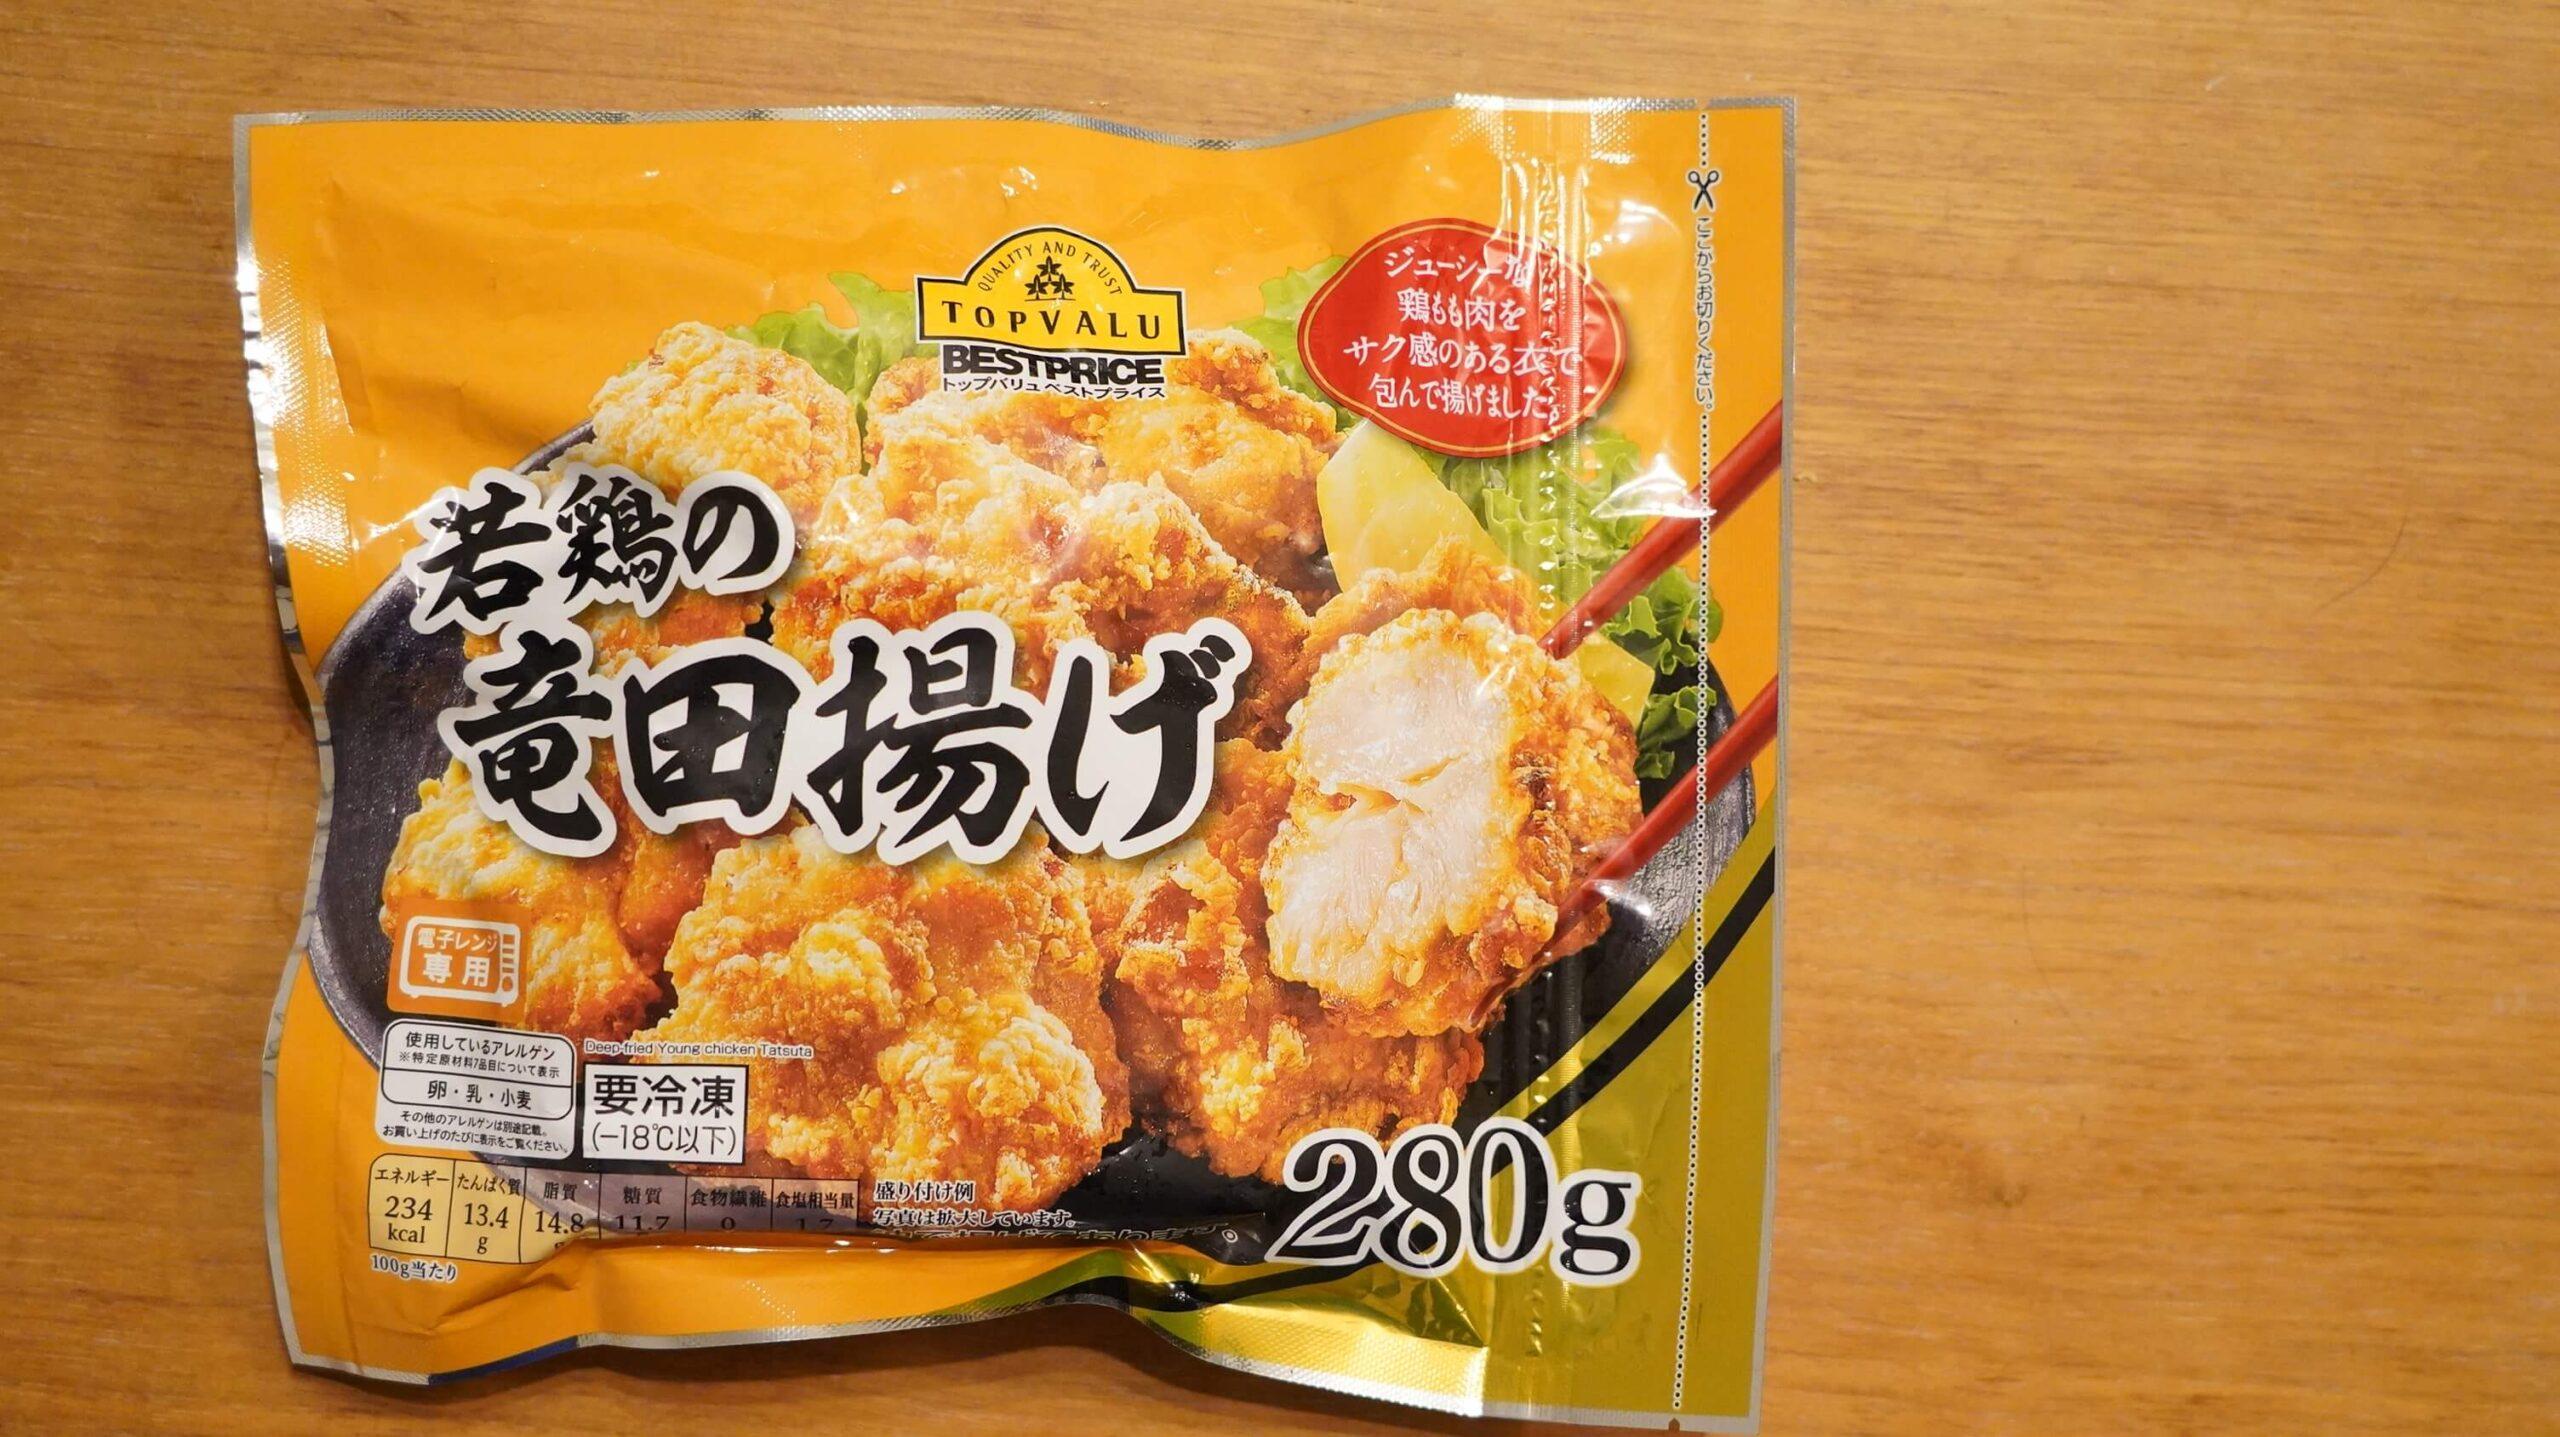 イオン・トップバリュ(TOPVALU)の冷凍食品「若鶏の竜田揚げ」のパッケージ写真